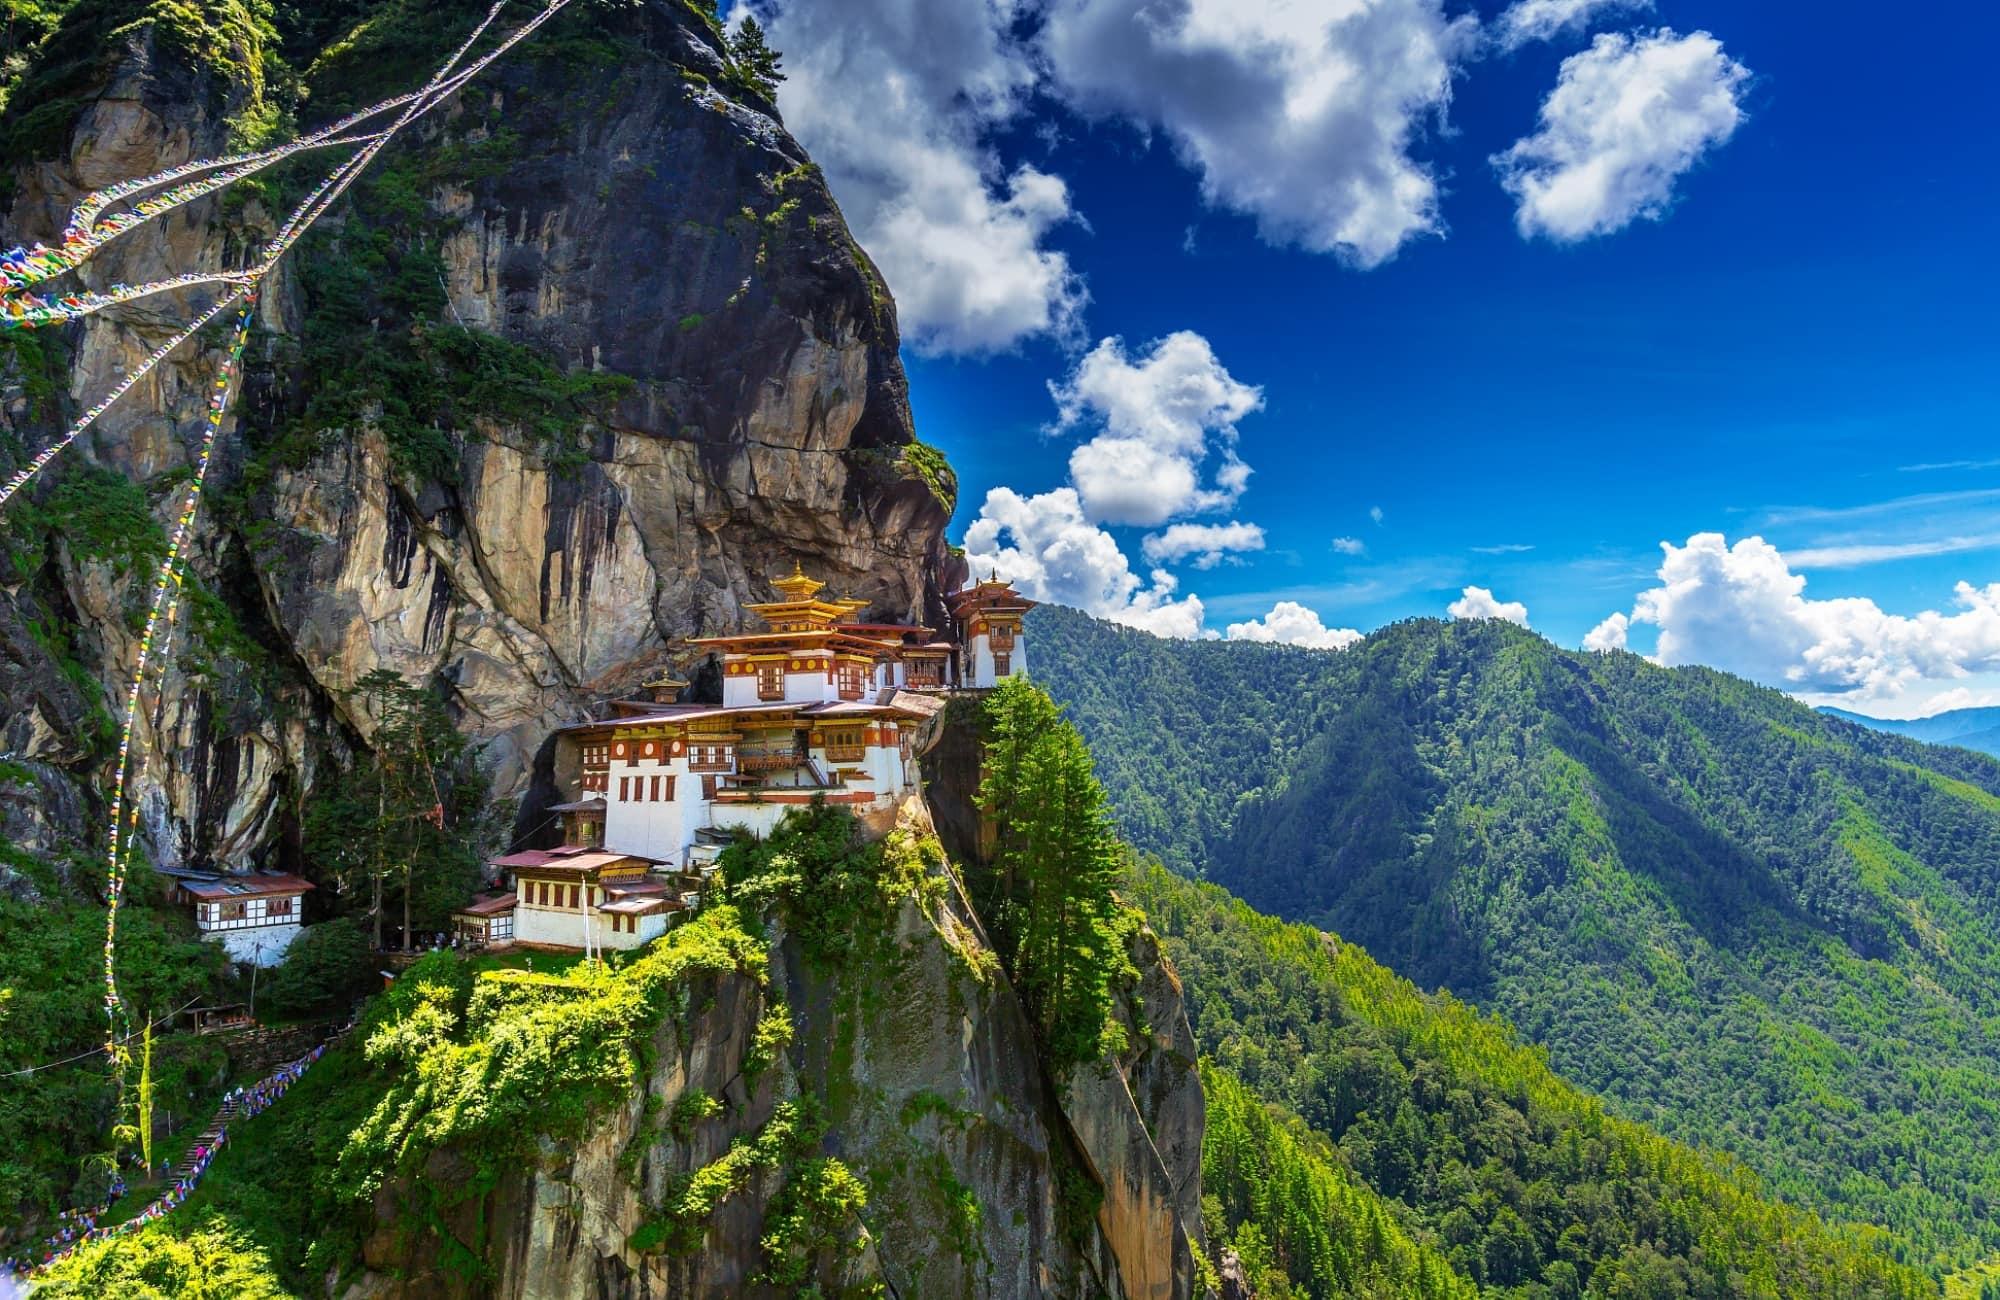 Le monastère bouddhiste de Taktshang trônant sur une falaise